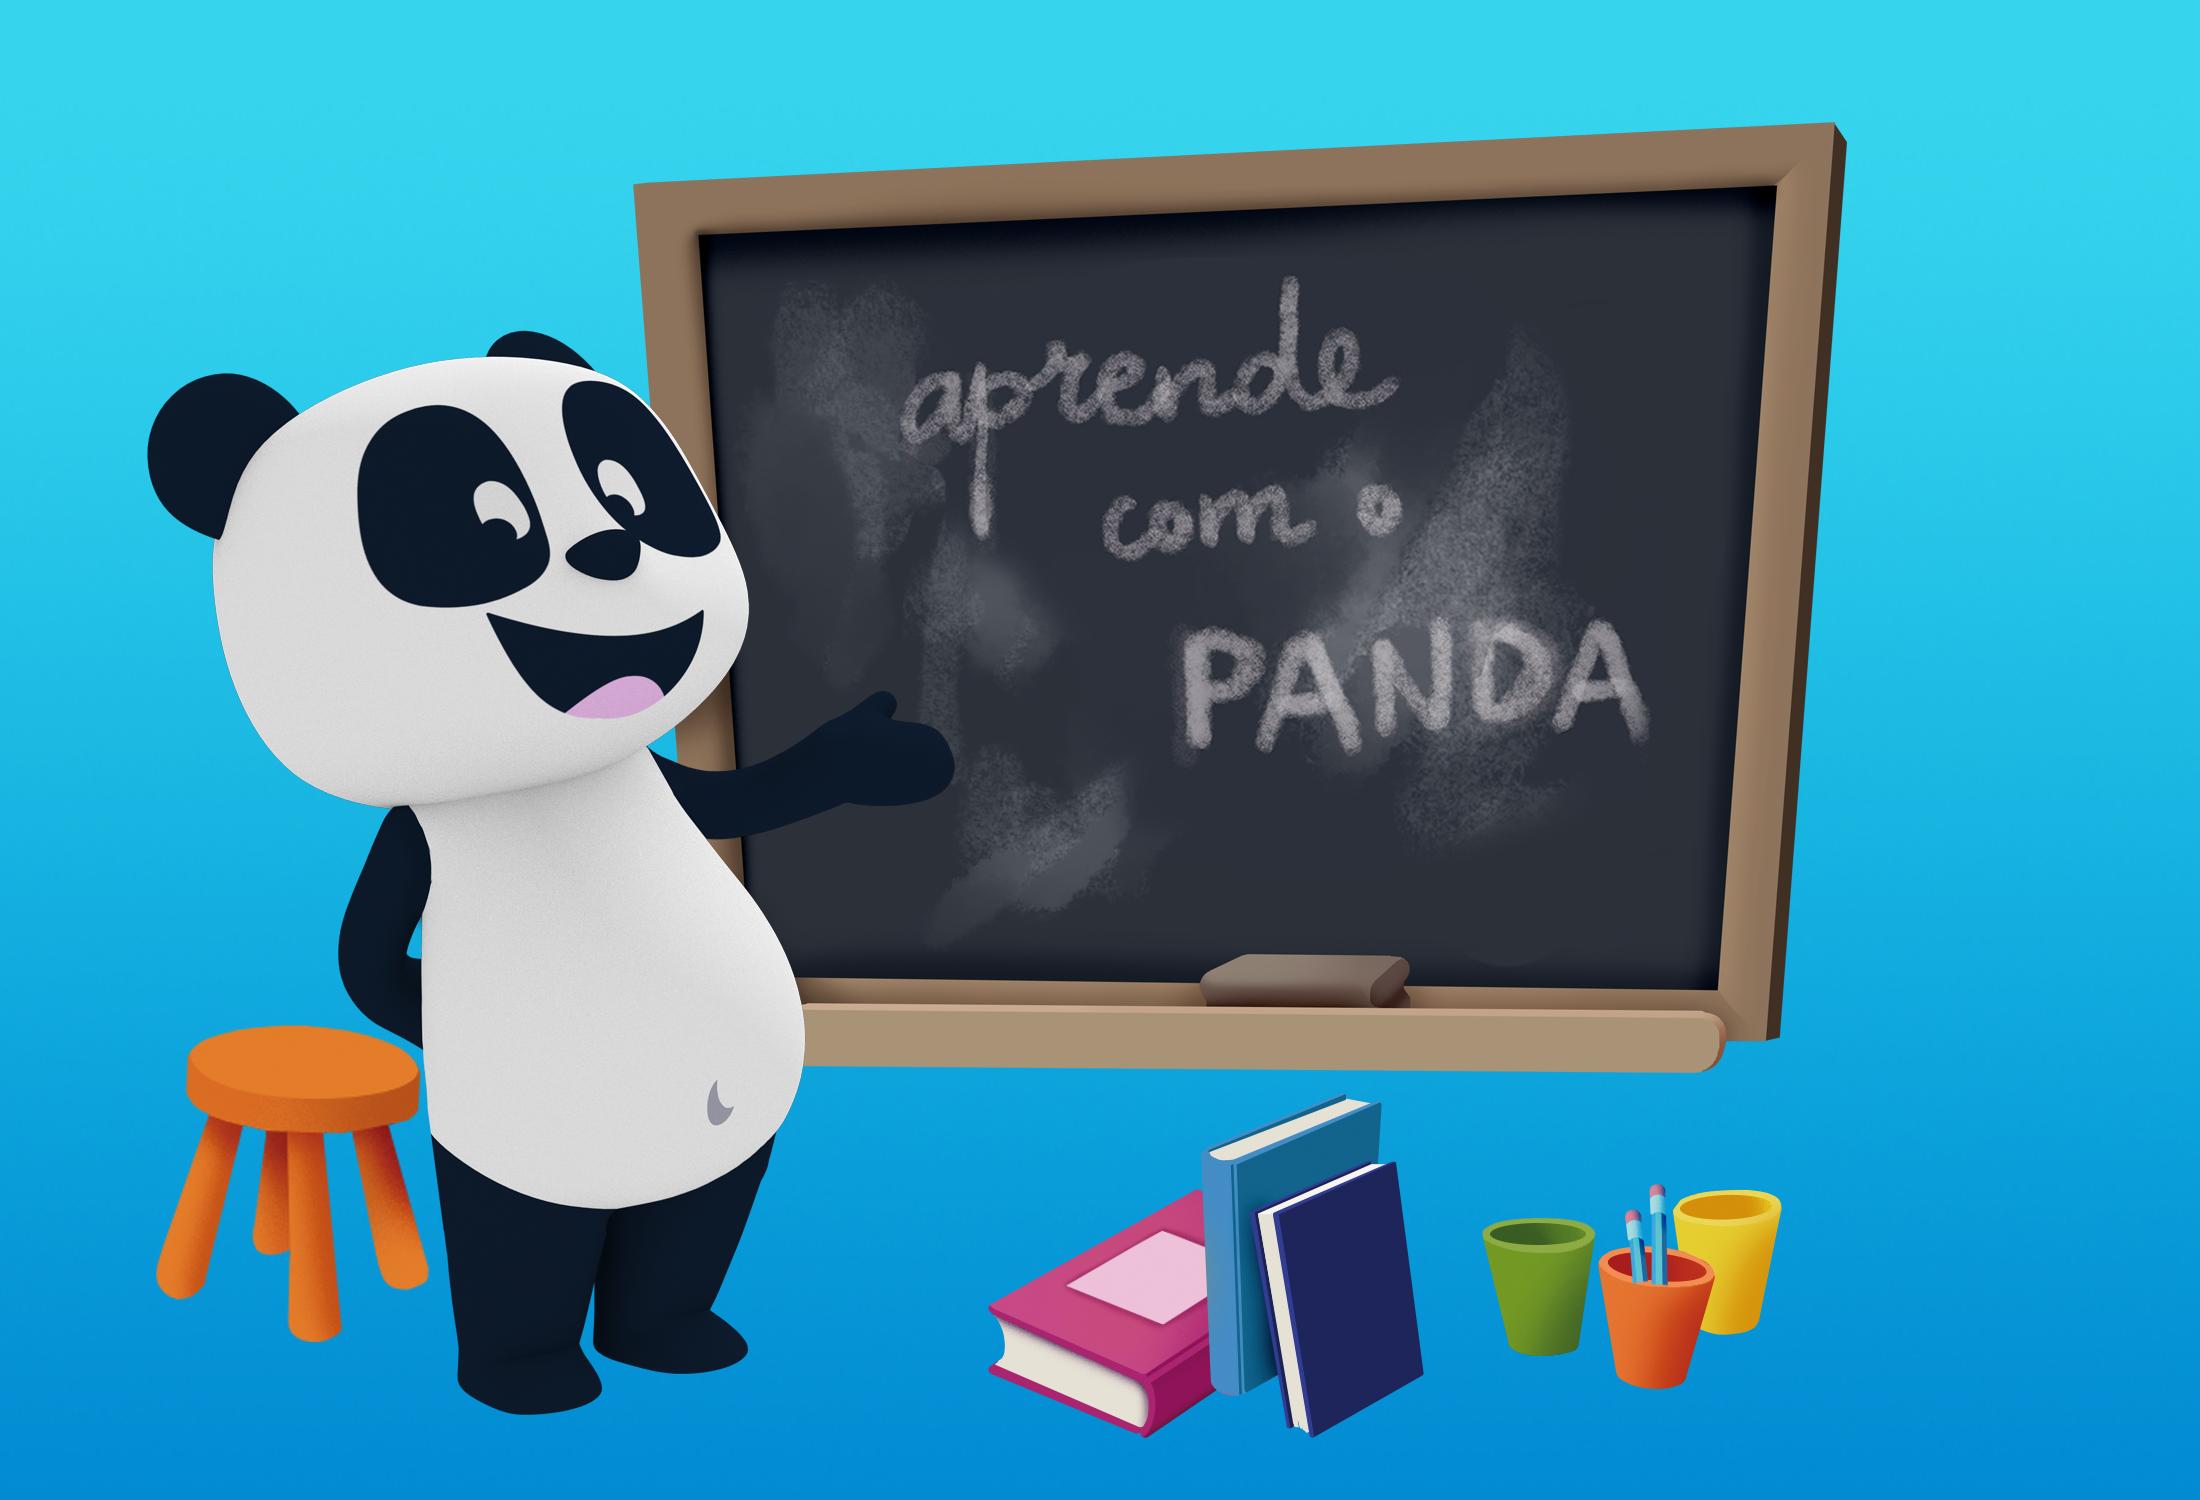 O Regresso às aulas mais fixe é no Canal Panda!